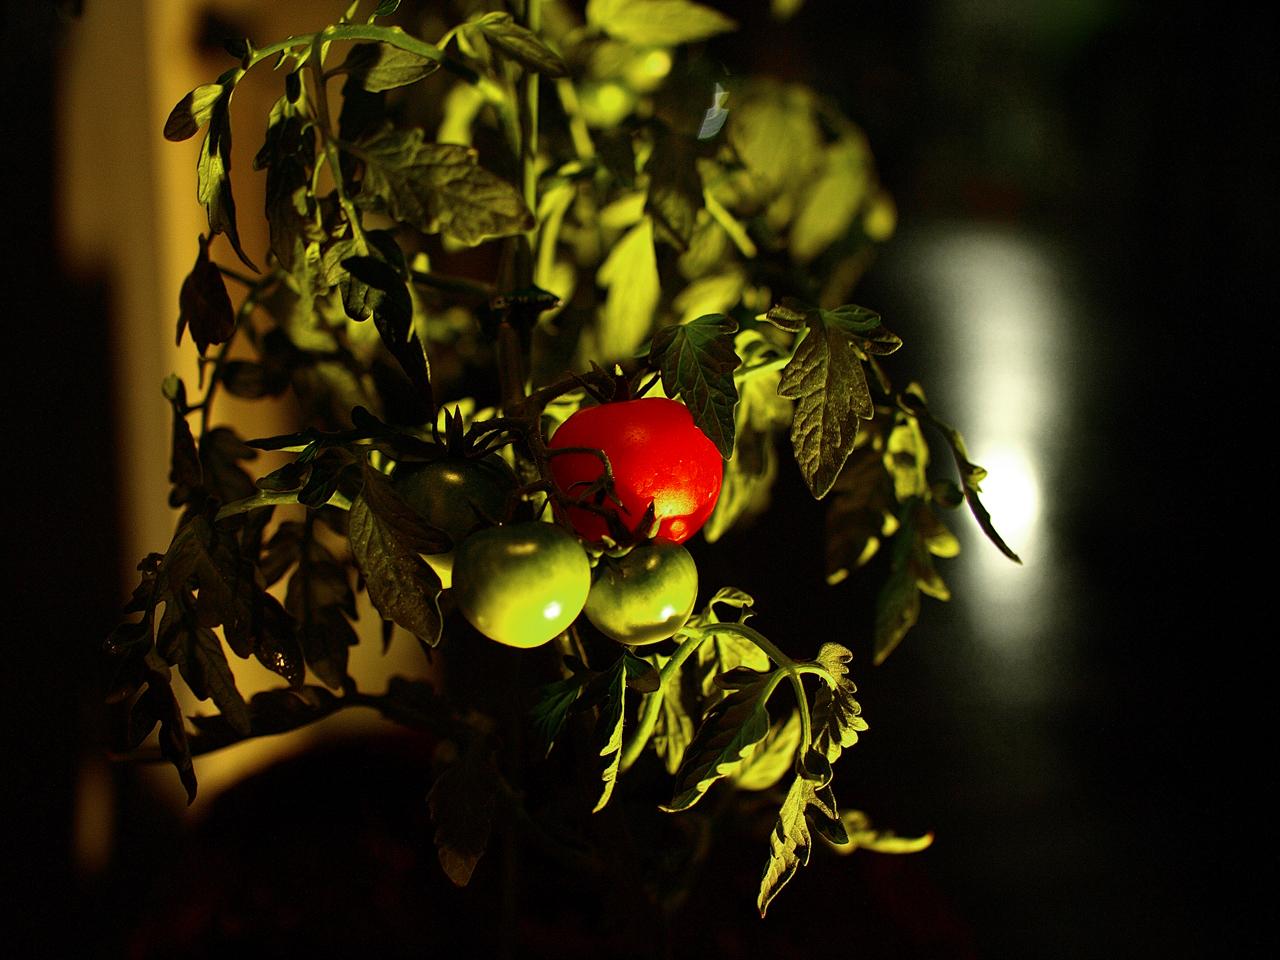 2008-06-21 Tomato